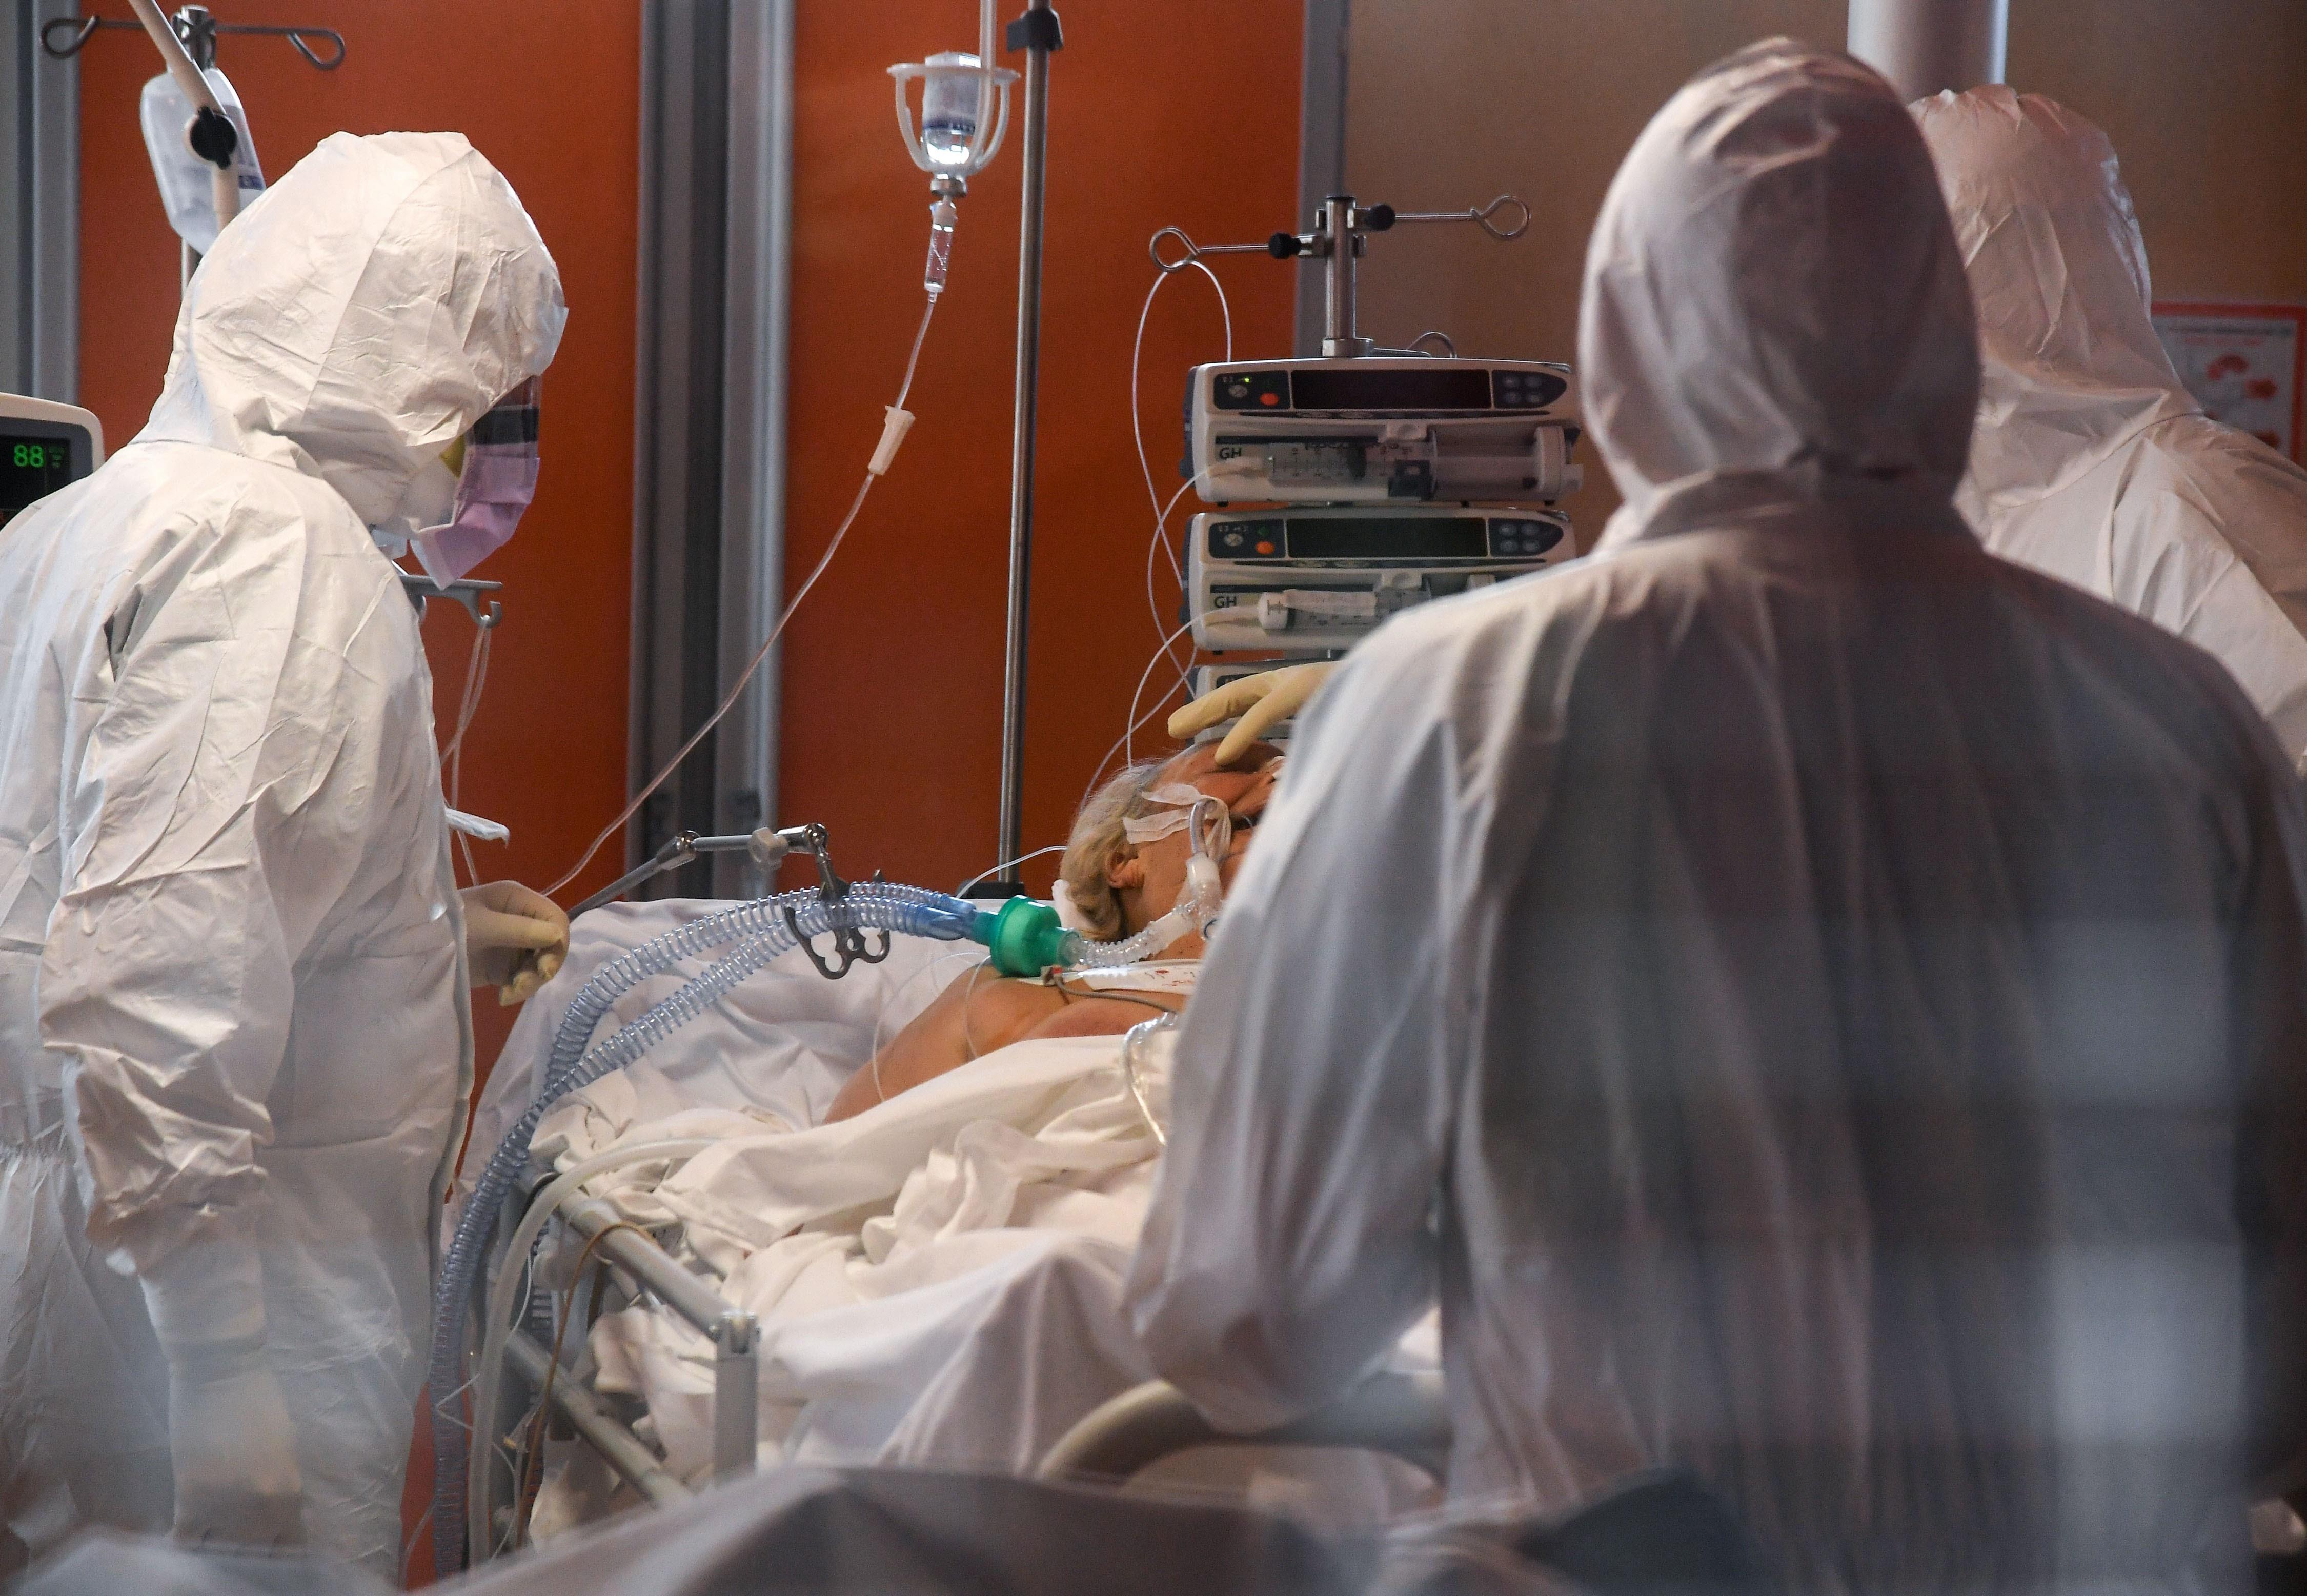 Hơn 50 bác sỹ tại Italy đã thiệt mạng vì virus SARS-CoV-2 ảnh 1